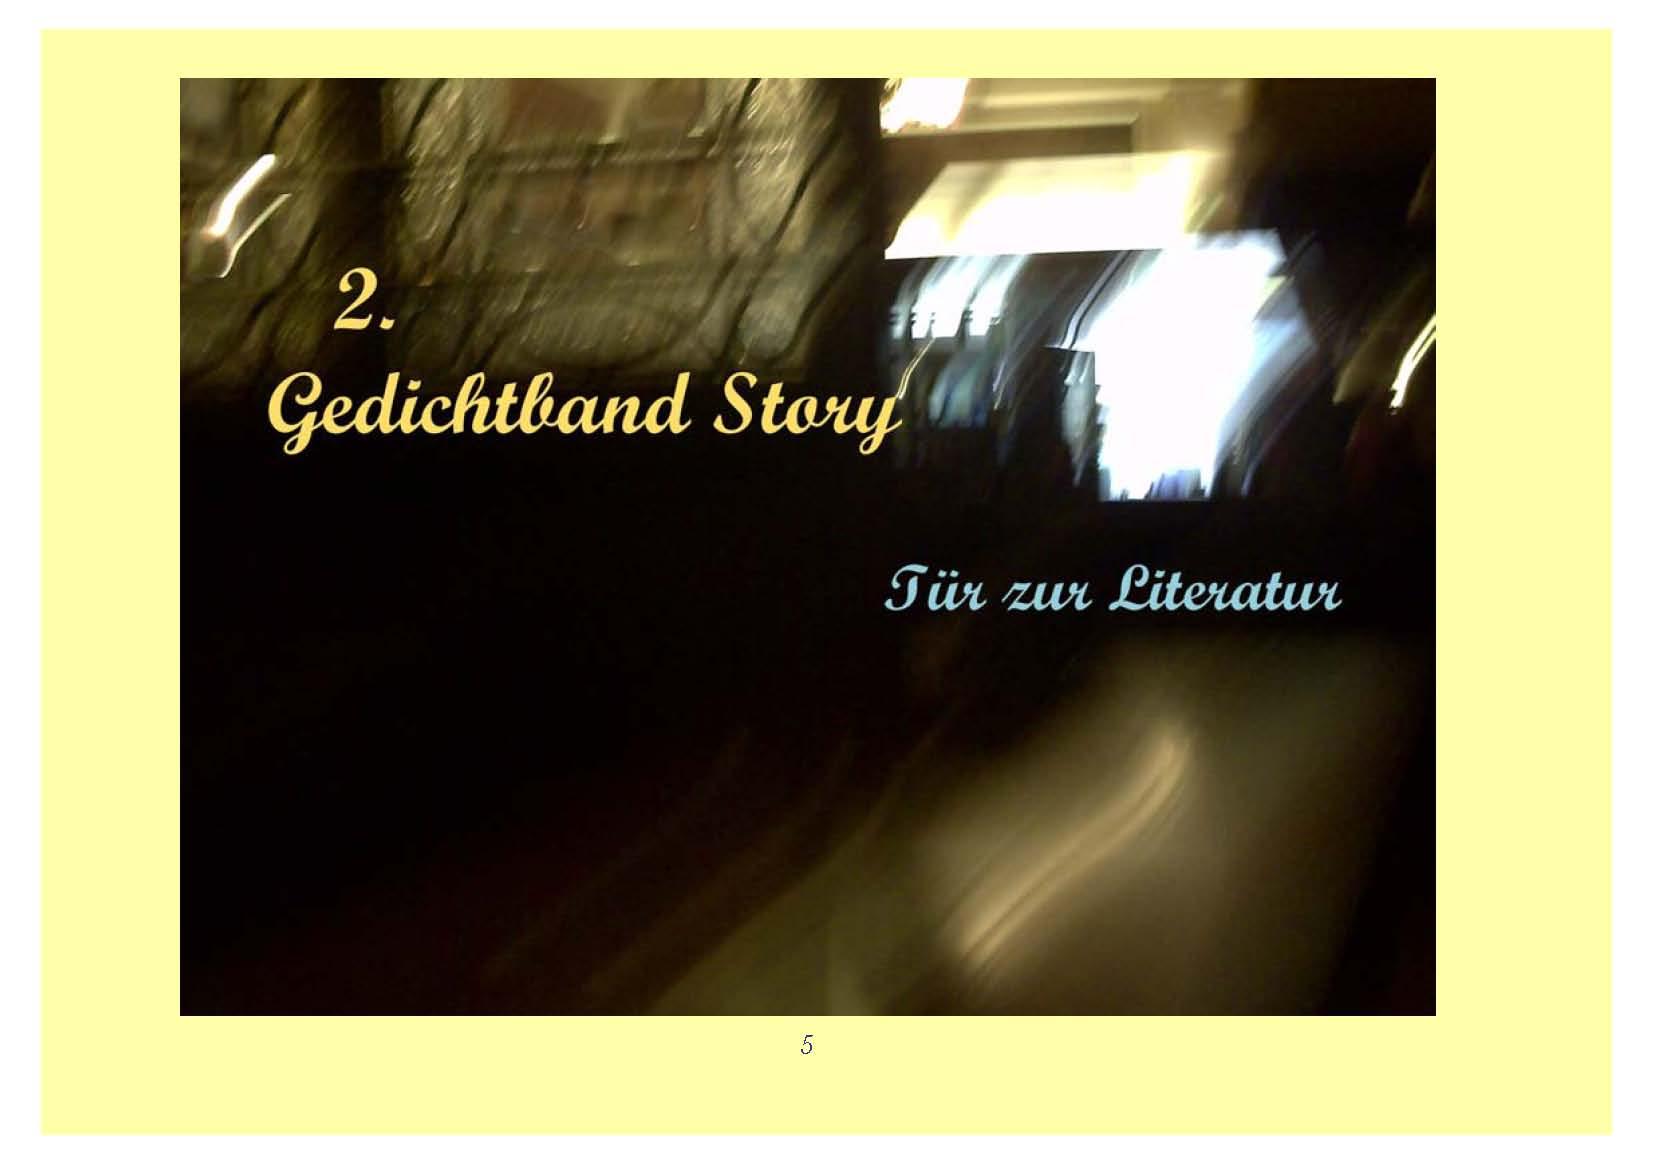 ™Gigabuch-Bibliothek/iAutobiographie Band 2/Bild 0100